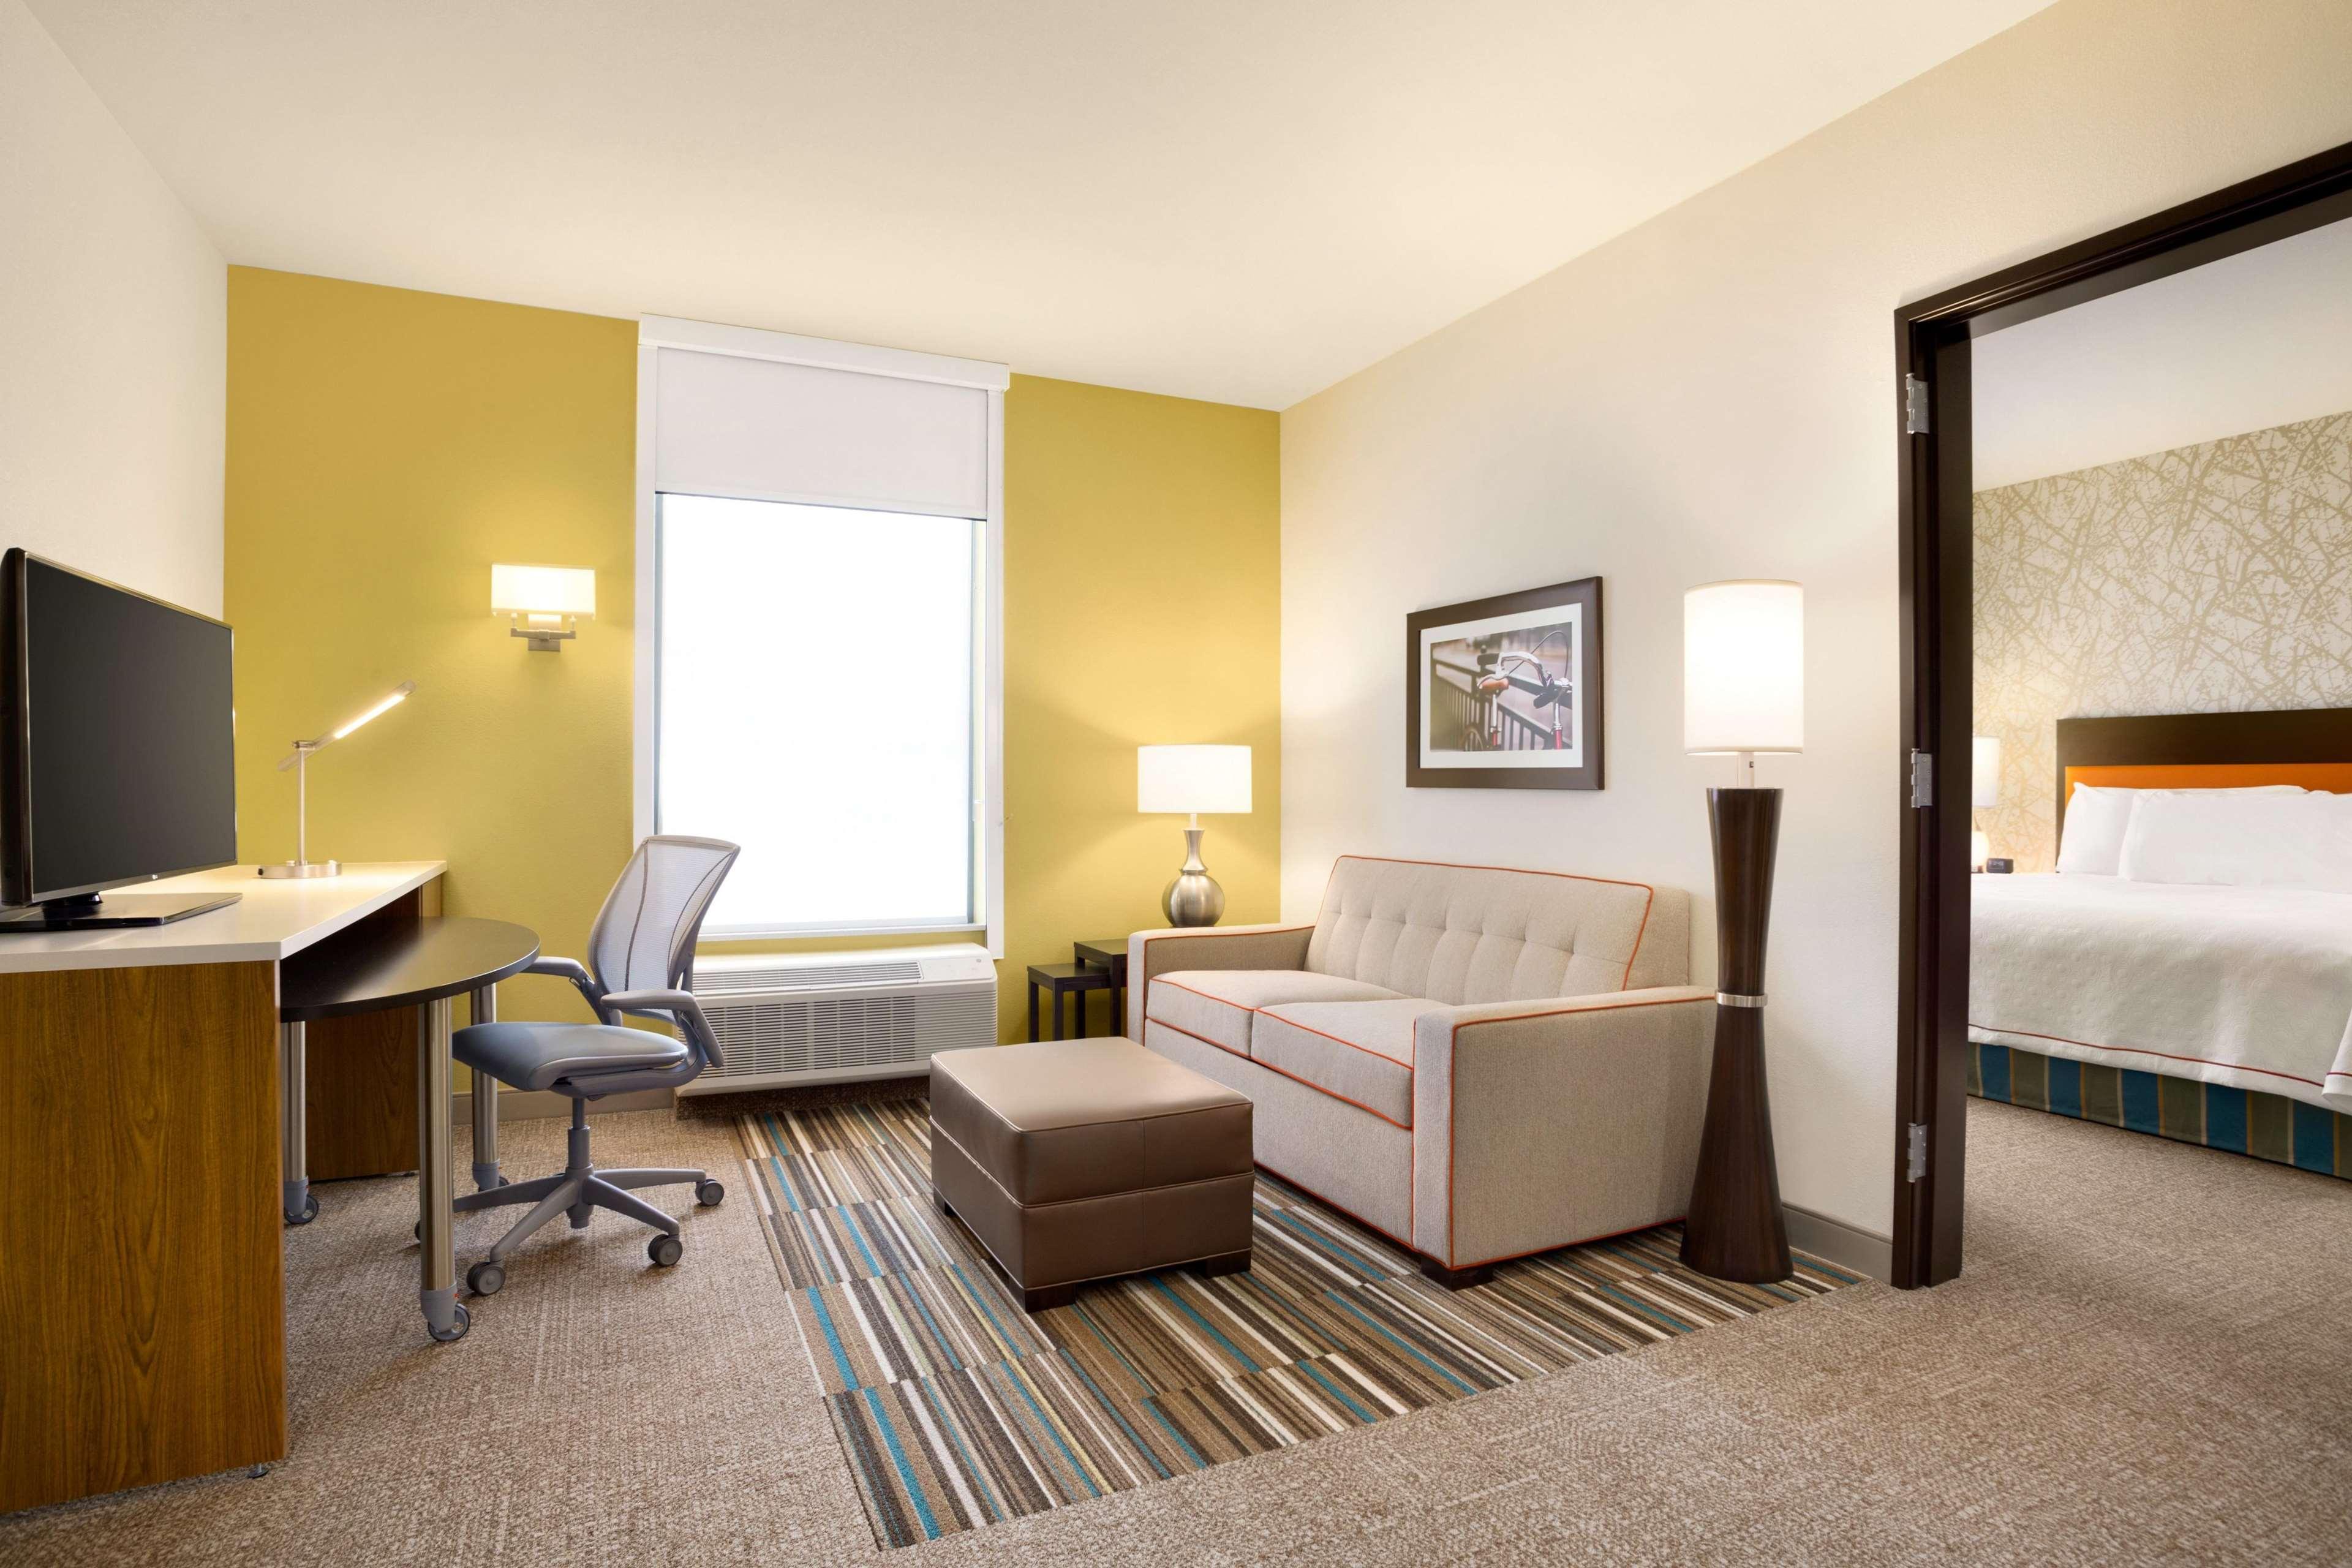 Home2 Suites by Hilton Birmingham Downtown image 26